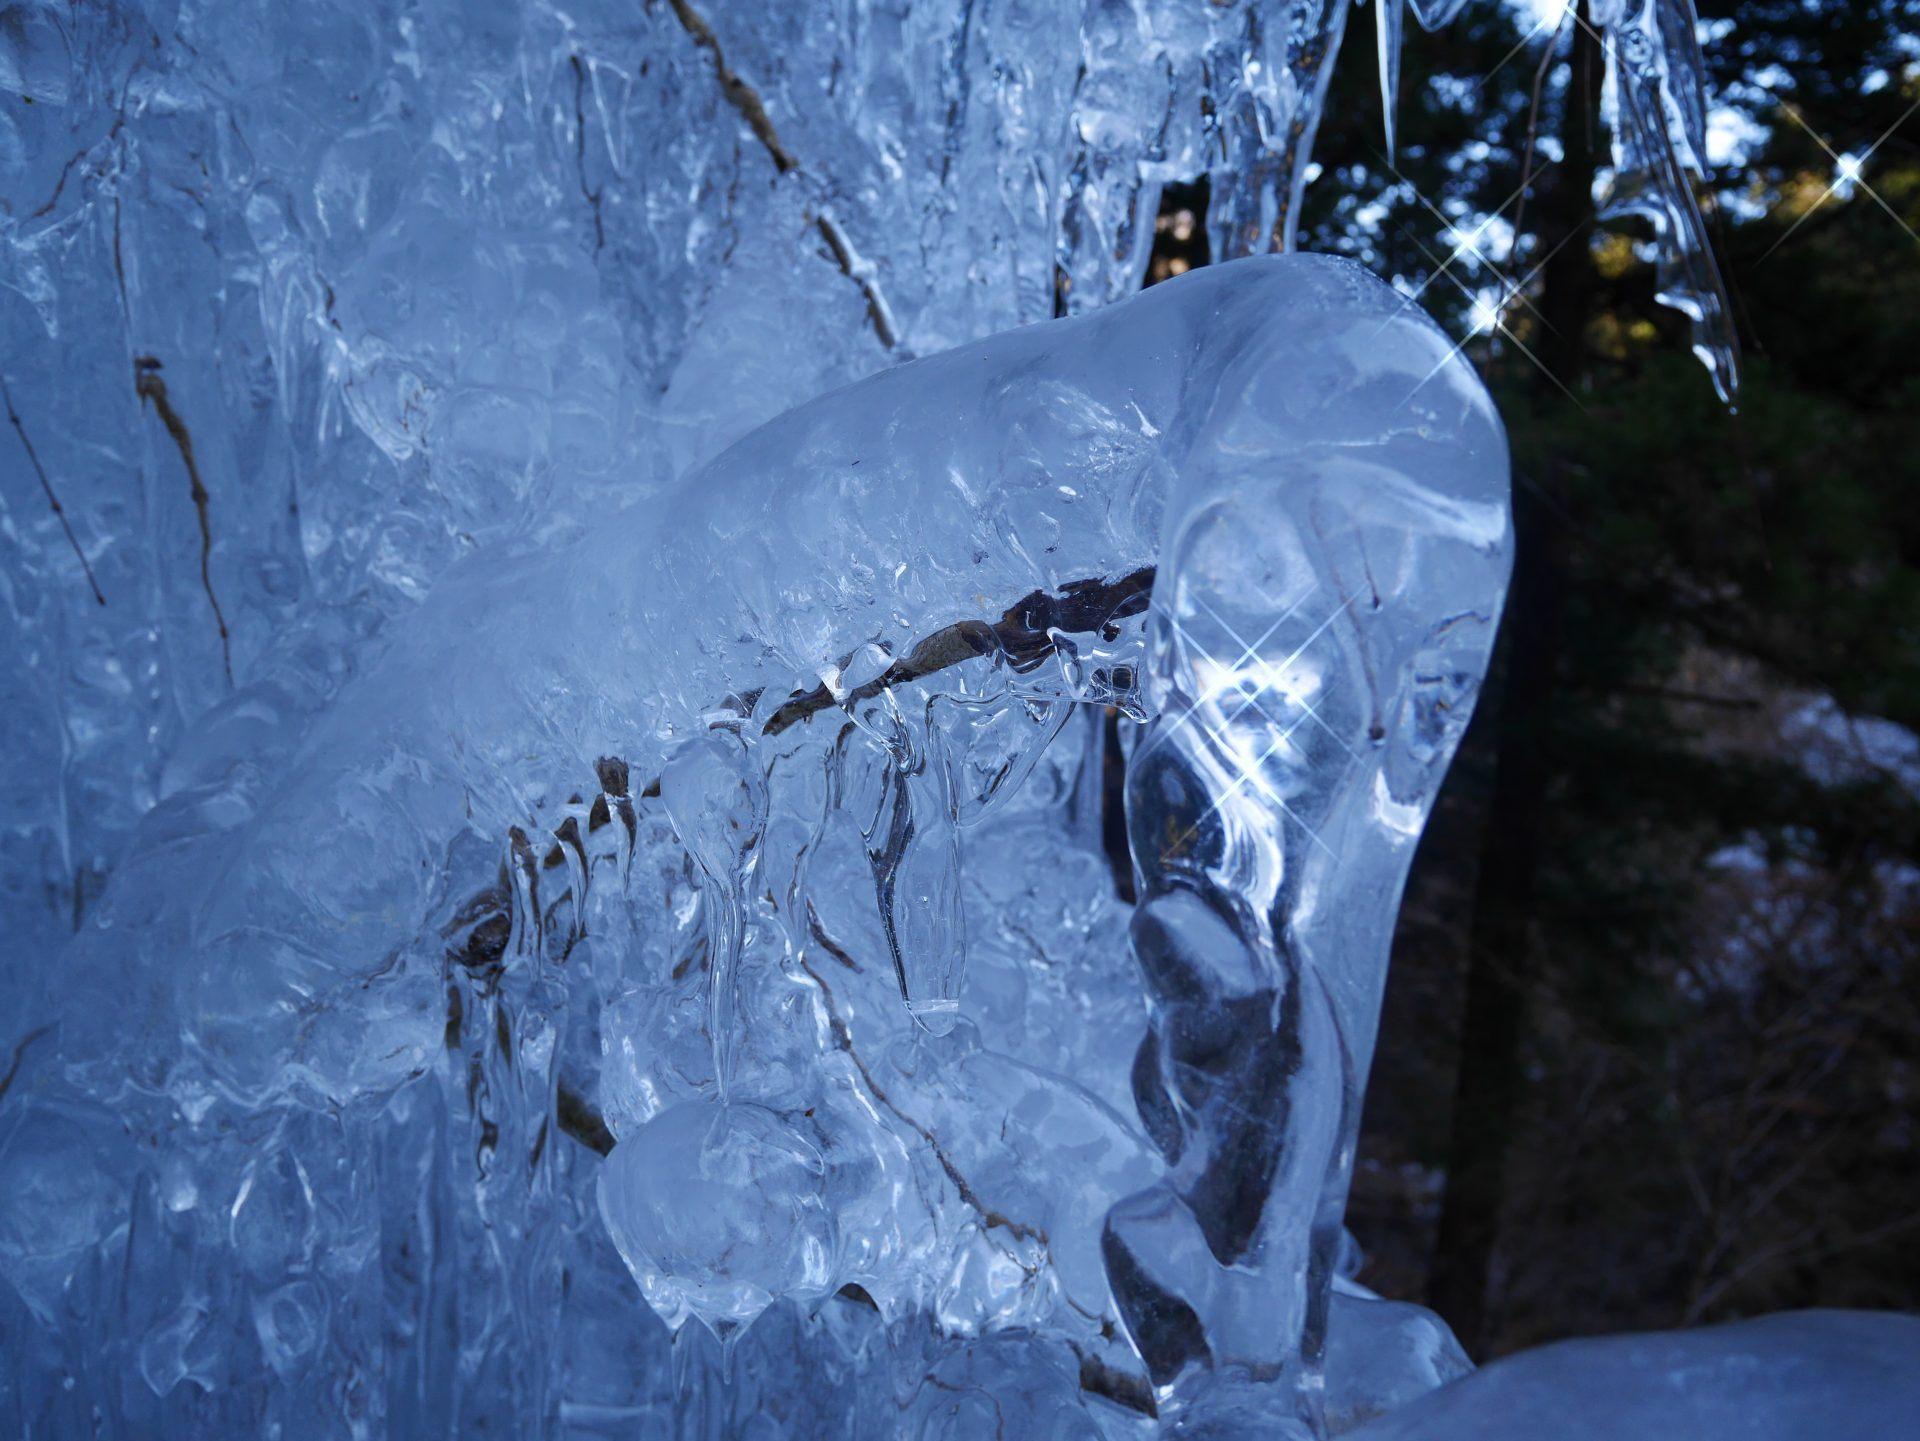 日光让冰柱闪耀迷人